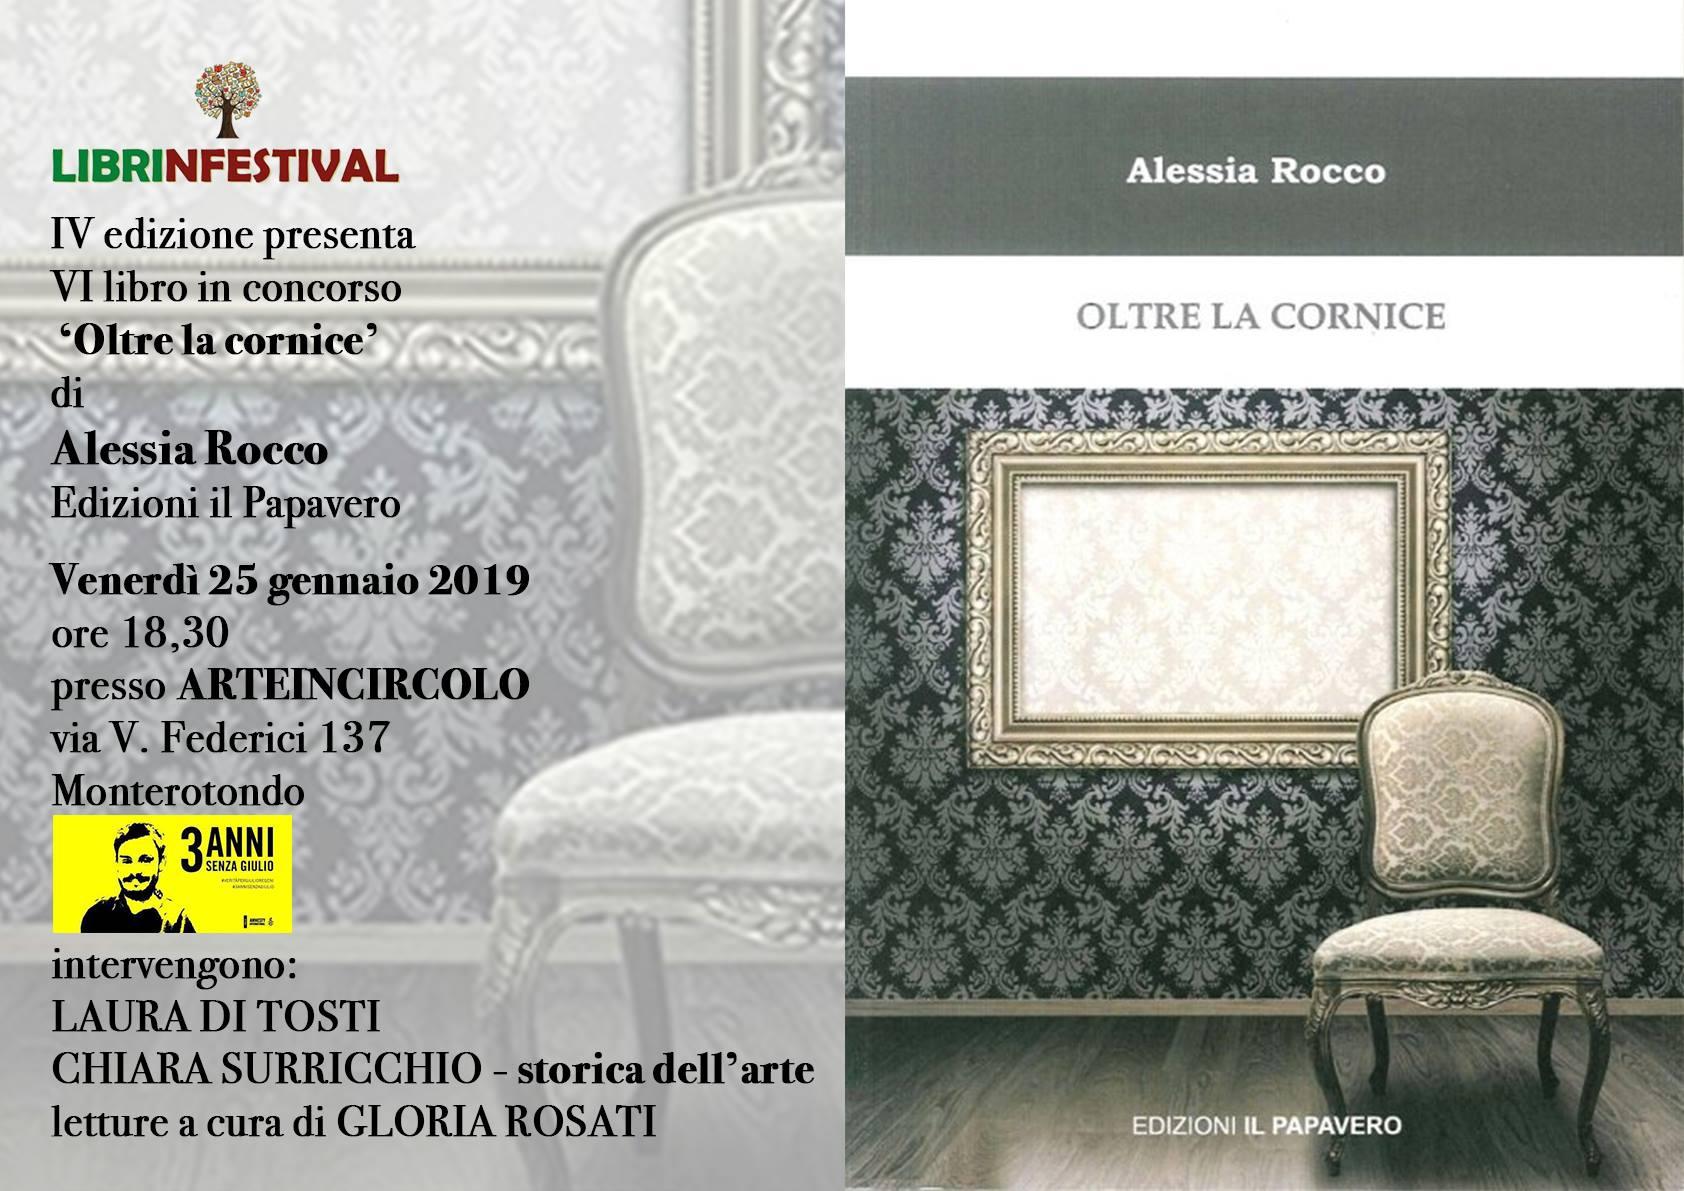 Oltre la cornice, Alessia Rocco, Edizioni Il papavero, #Librinfestival, Arteincircolo, Laura Di Tosti